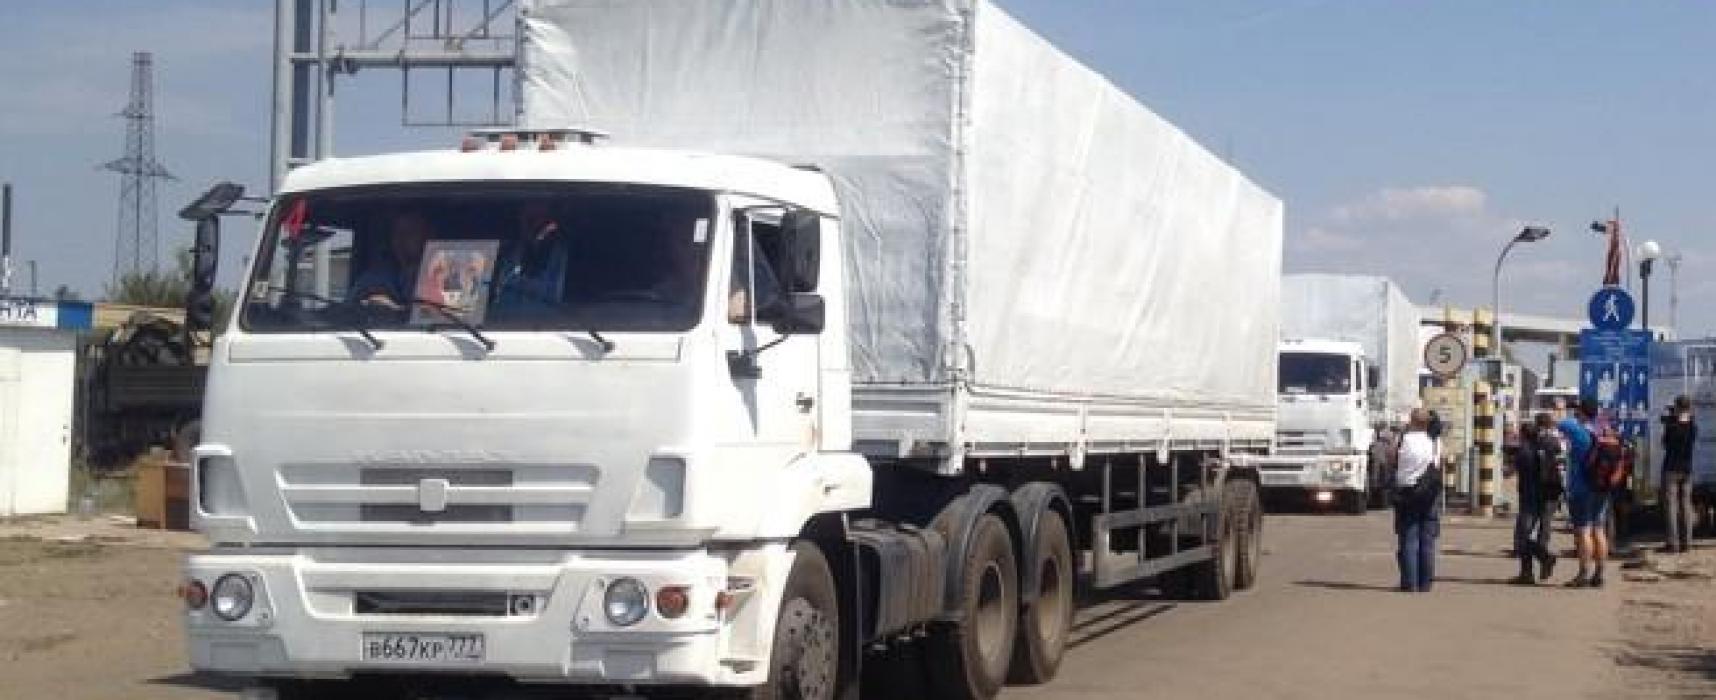 Ложь российских властей: Украина дала разрешение на въезд гуманитарного конвоя